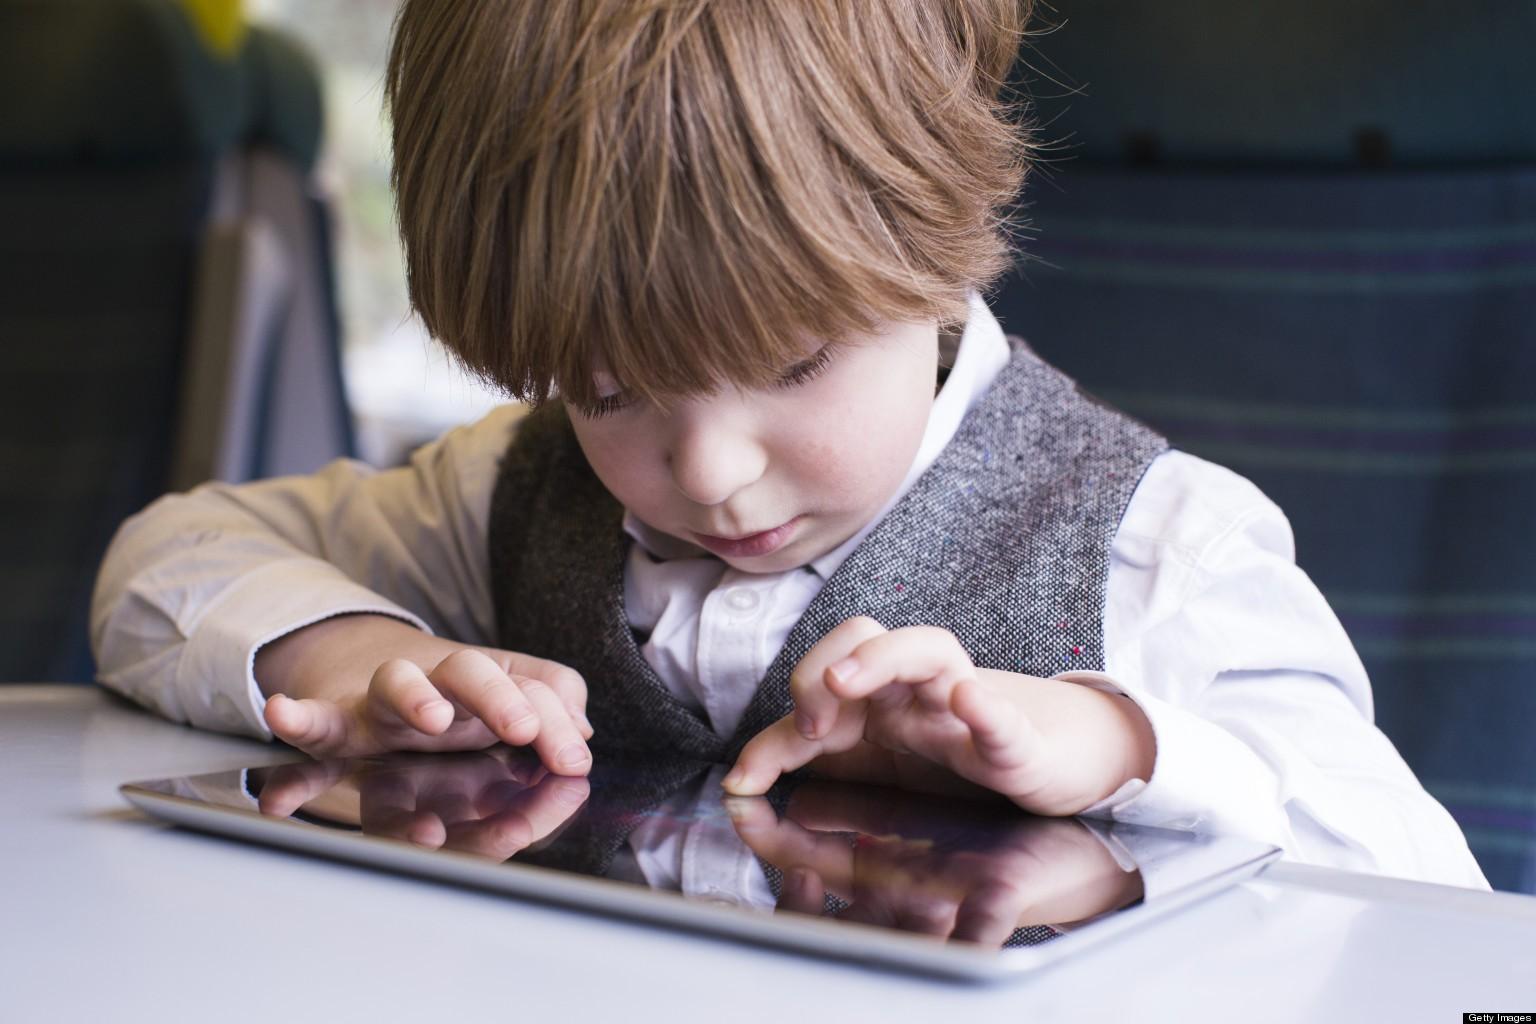 5 bí kíp bảo vệ con cái trên Internet phụ huynh Việt nên biết: Thế giới ảo nhưng nguy hiểm thật!-4